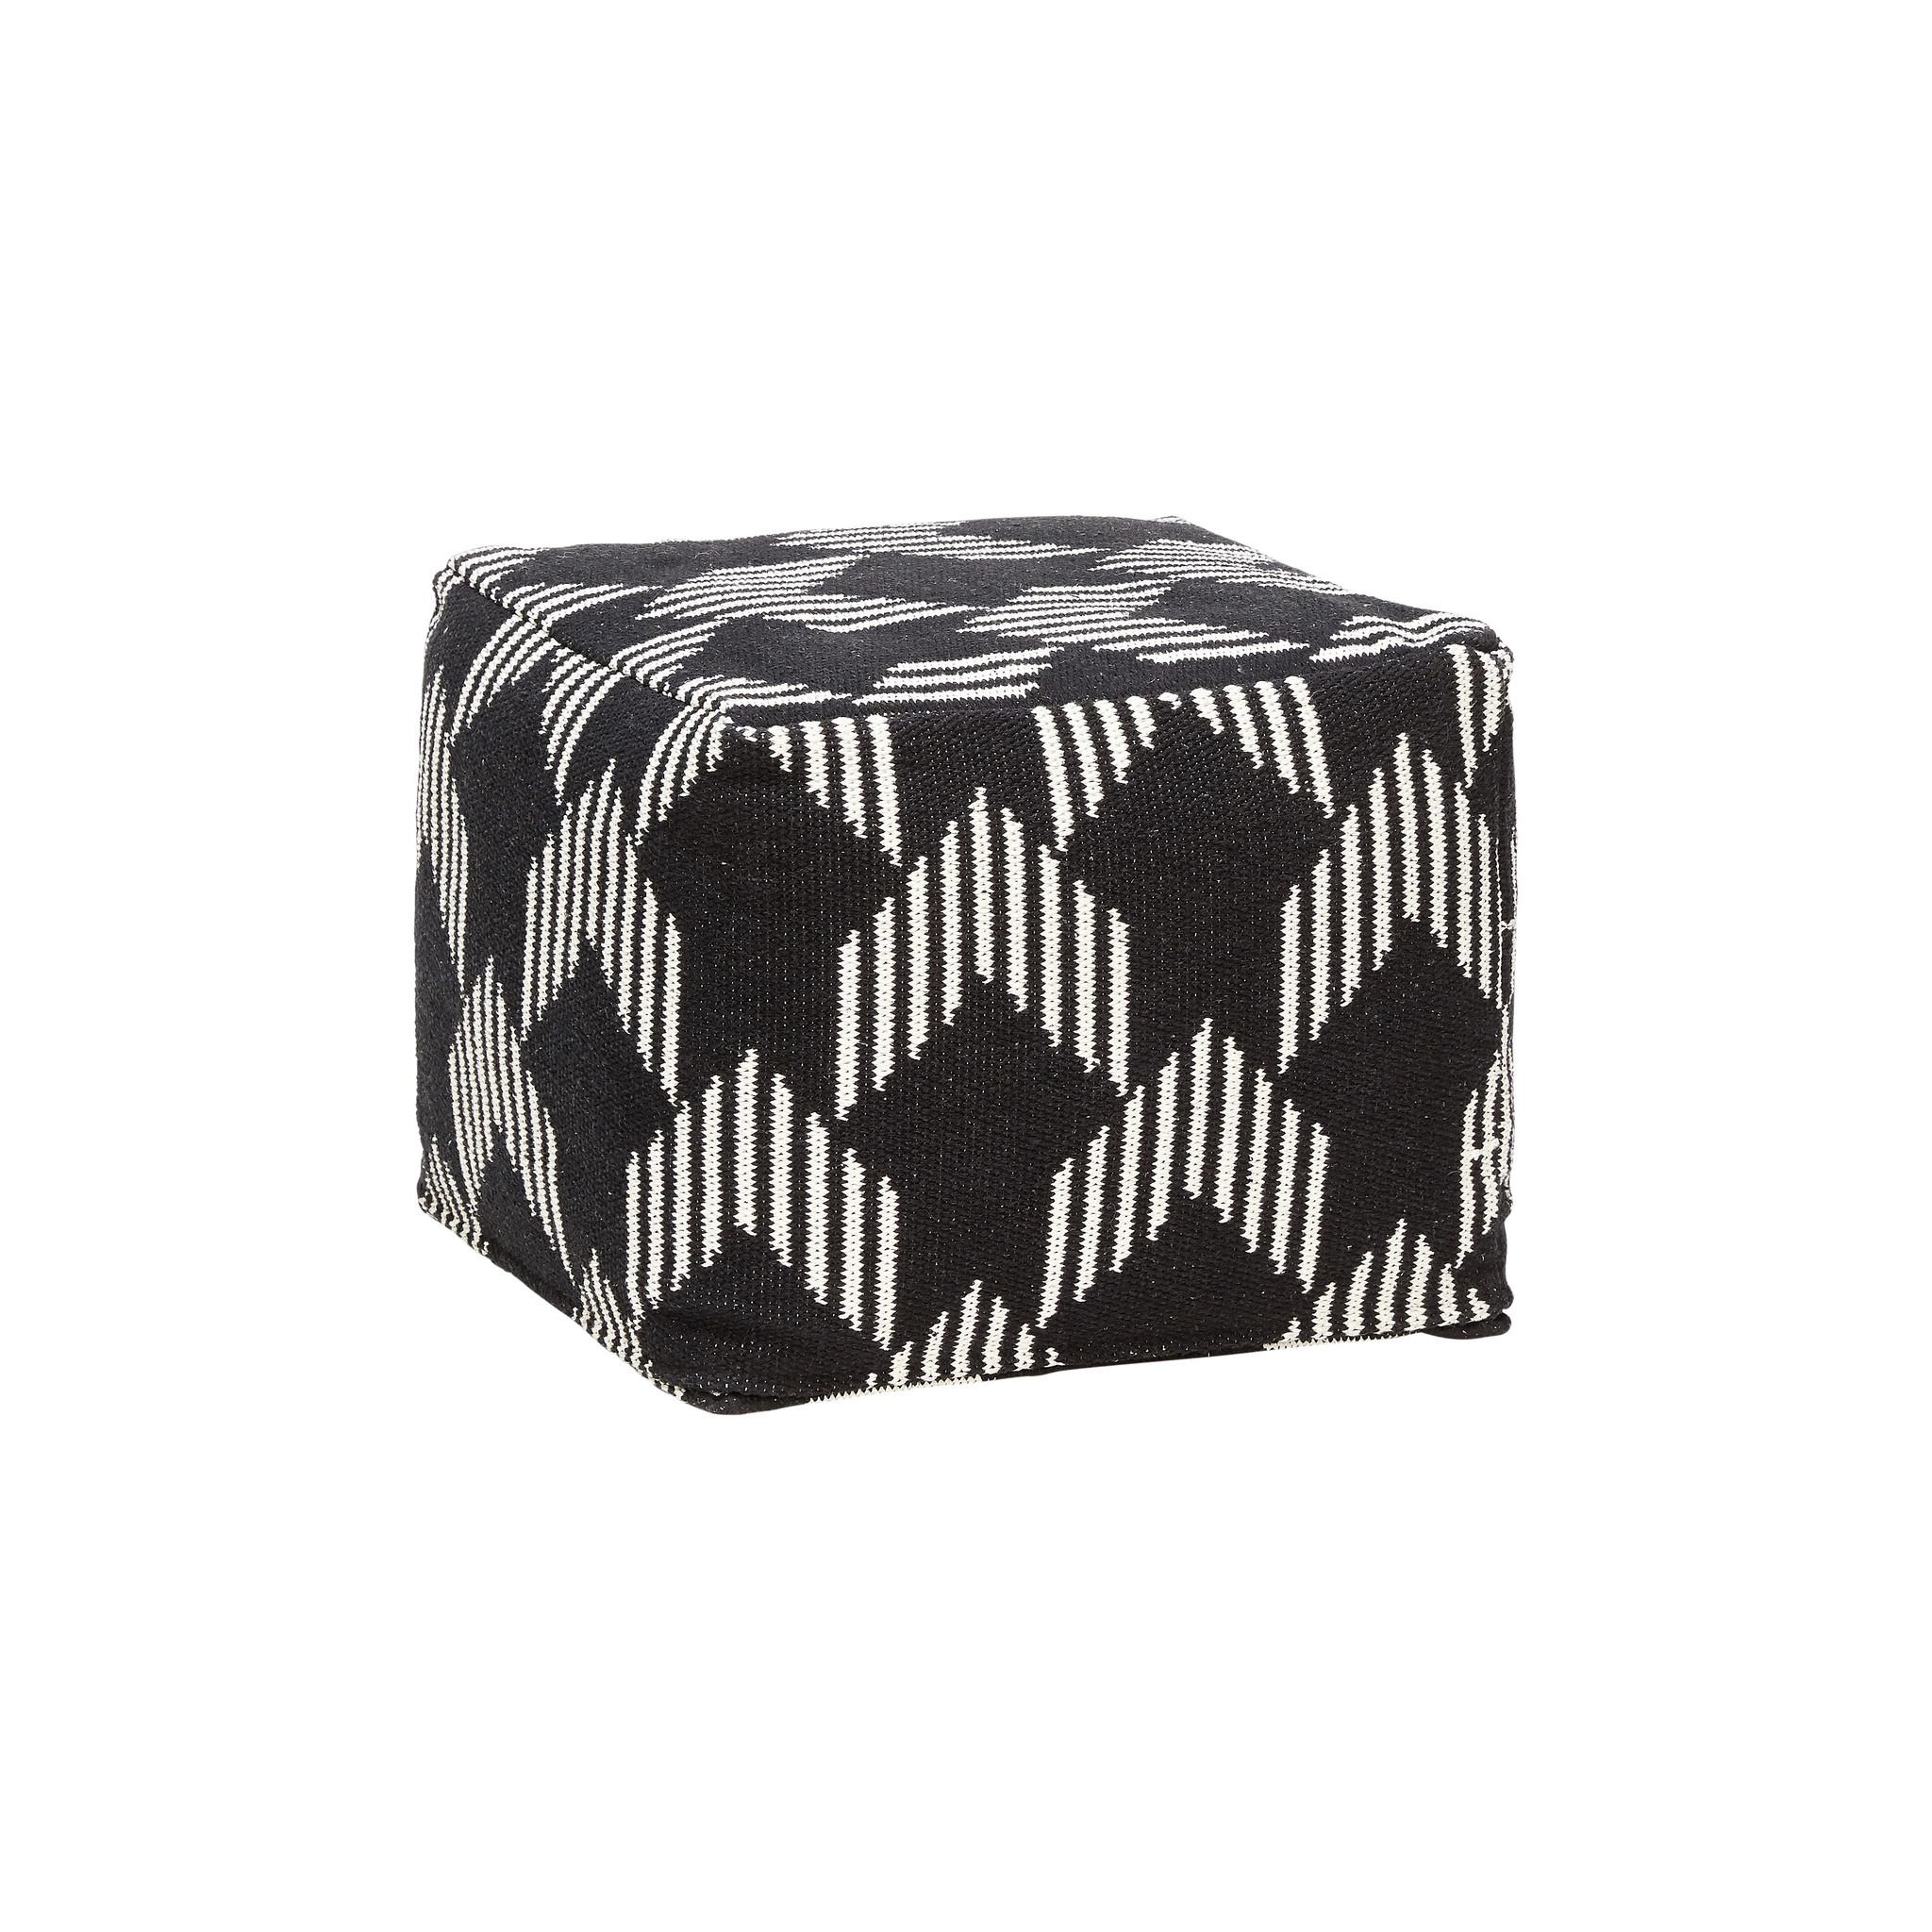 Hubsch Poef met patroon, vierkant, katoen, zwart / wit-740301-5712772053768